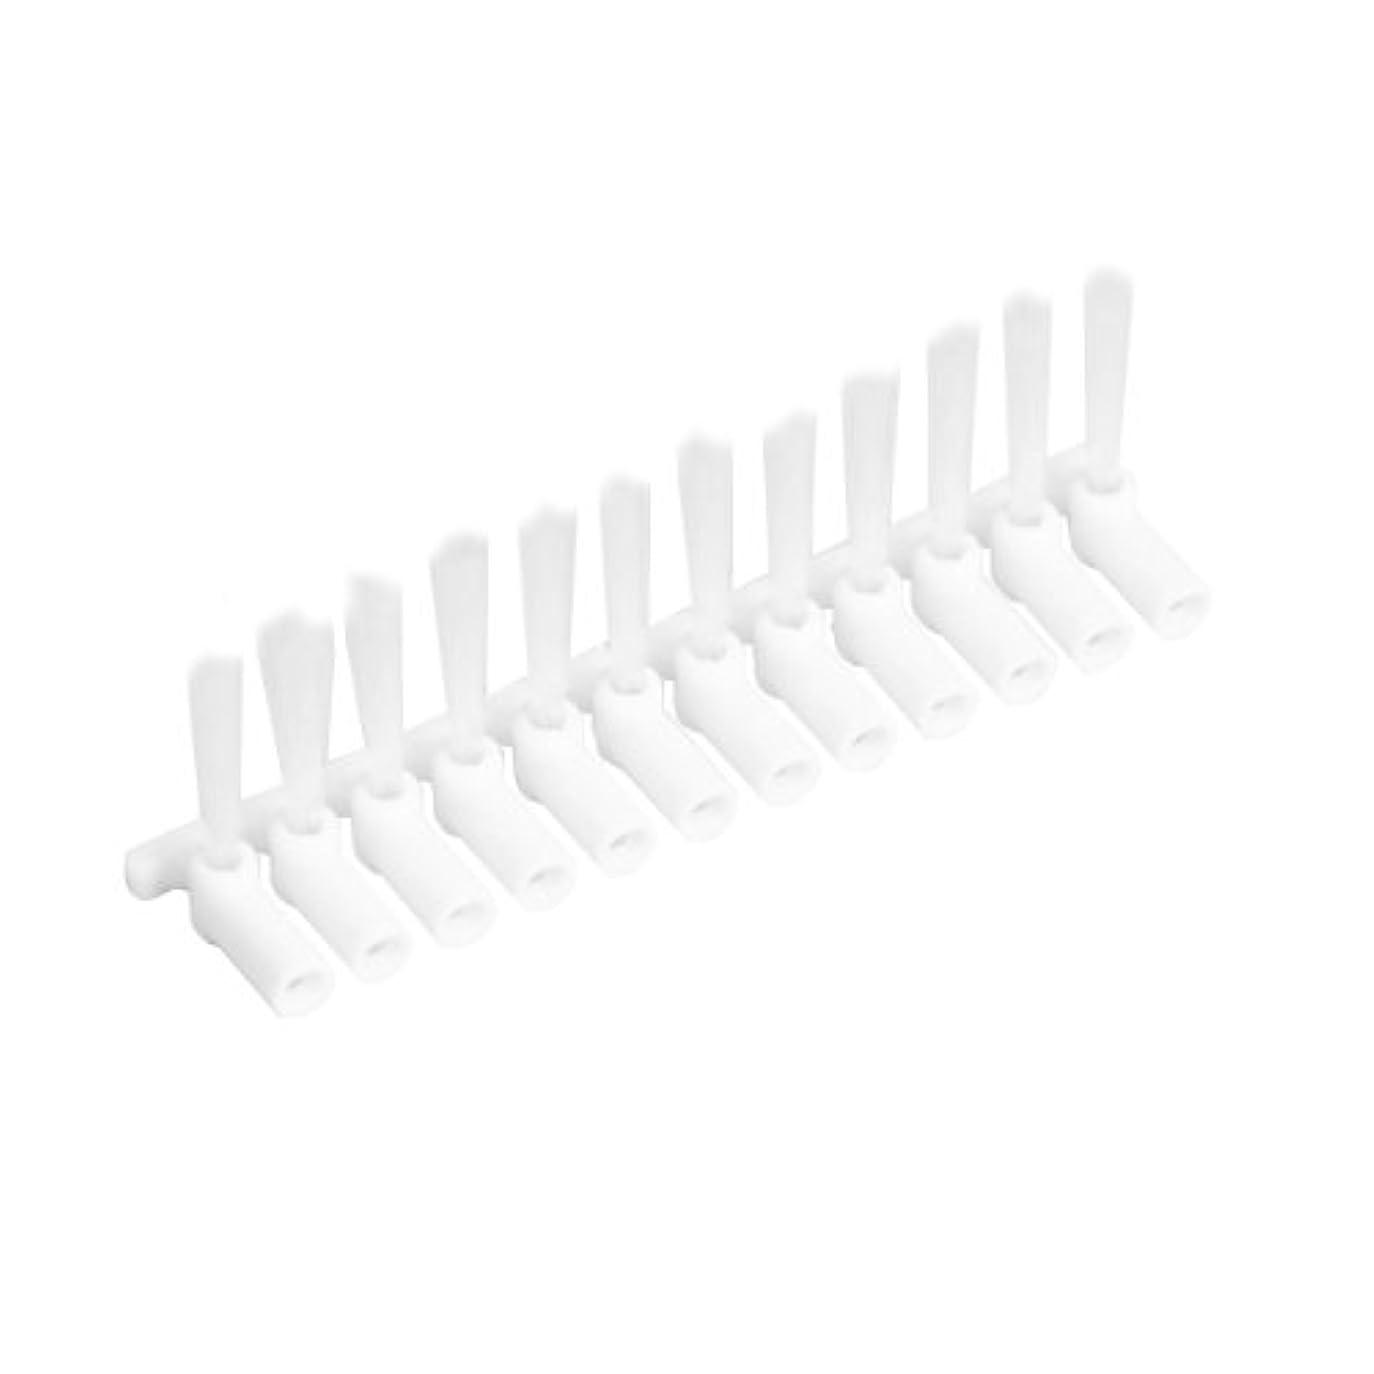 塊最も遠い何山善 電動歯間ブラシ デンタルペッカー専用替ブラシ 12本(専用保管ケース付) DPK-10